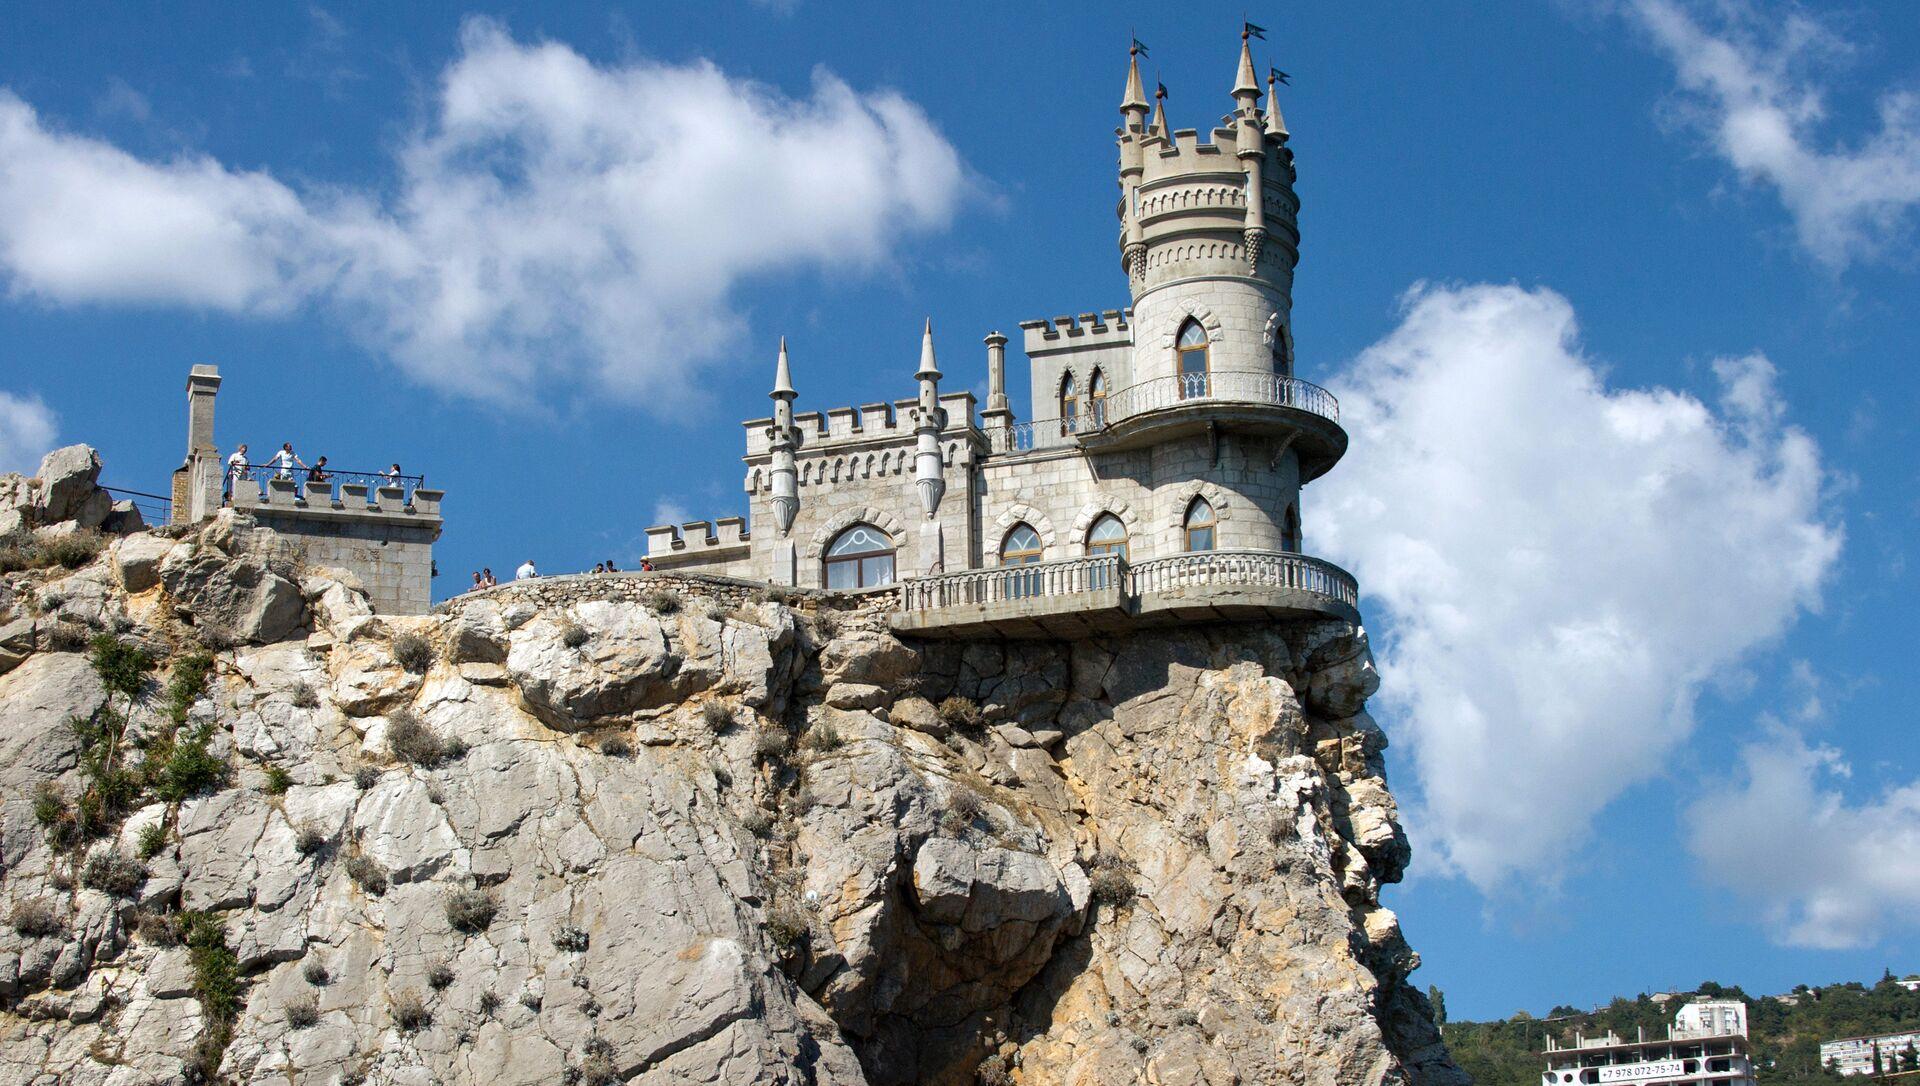 Замок Ласточкино гнездо в Крыму - РИА Новости, 1920, 19.02.2018